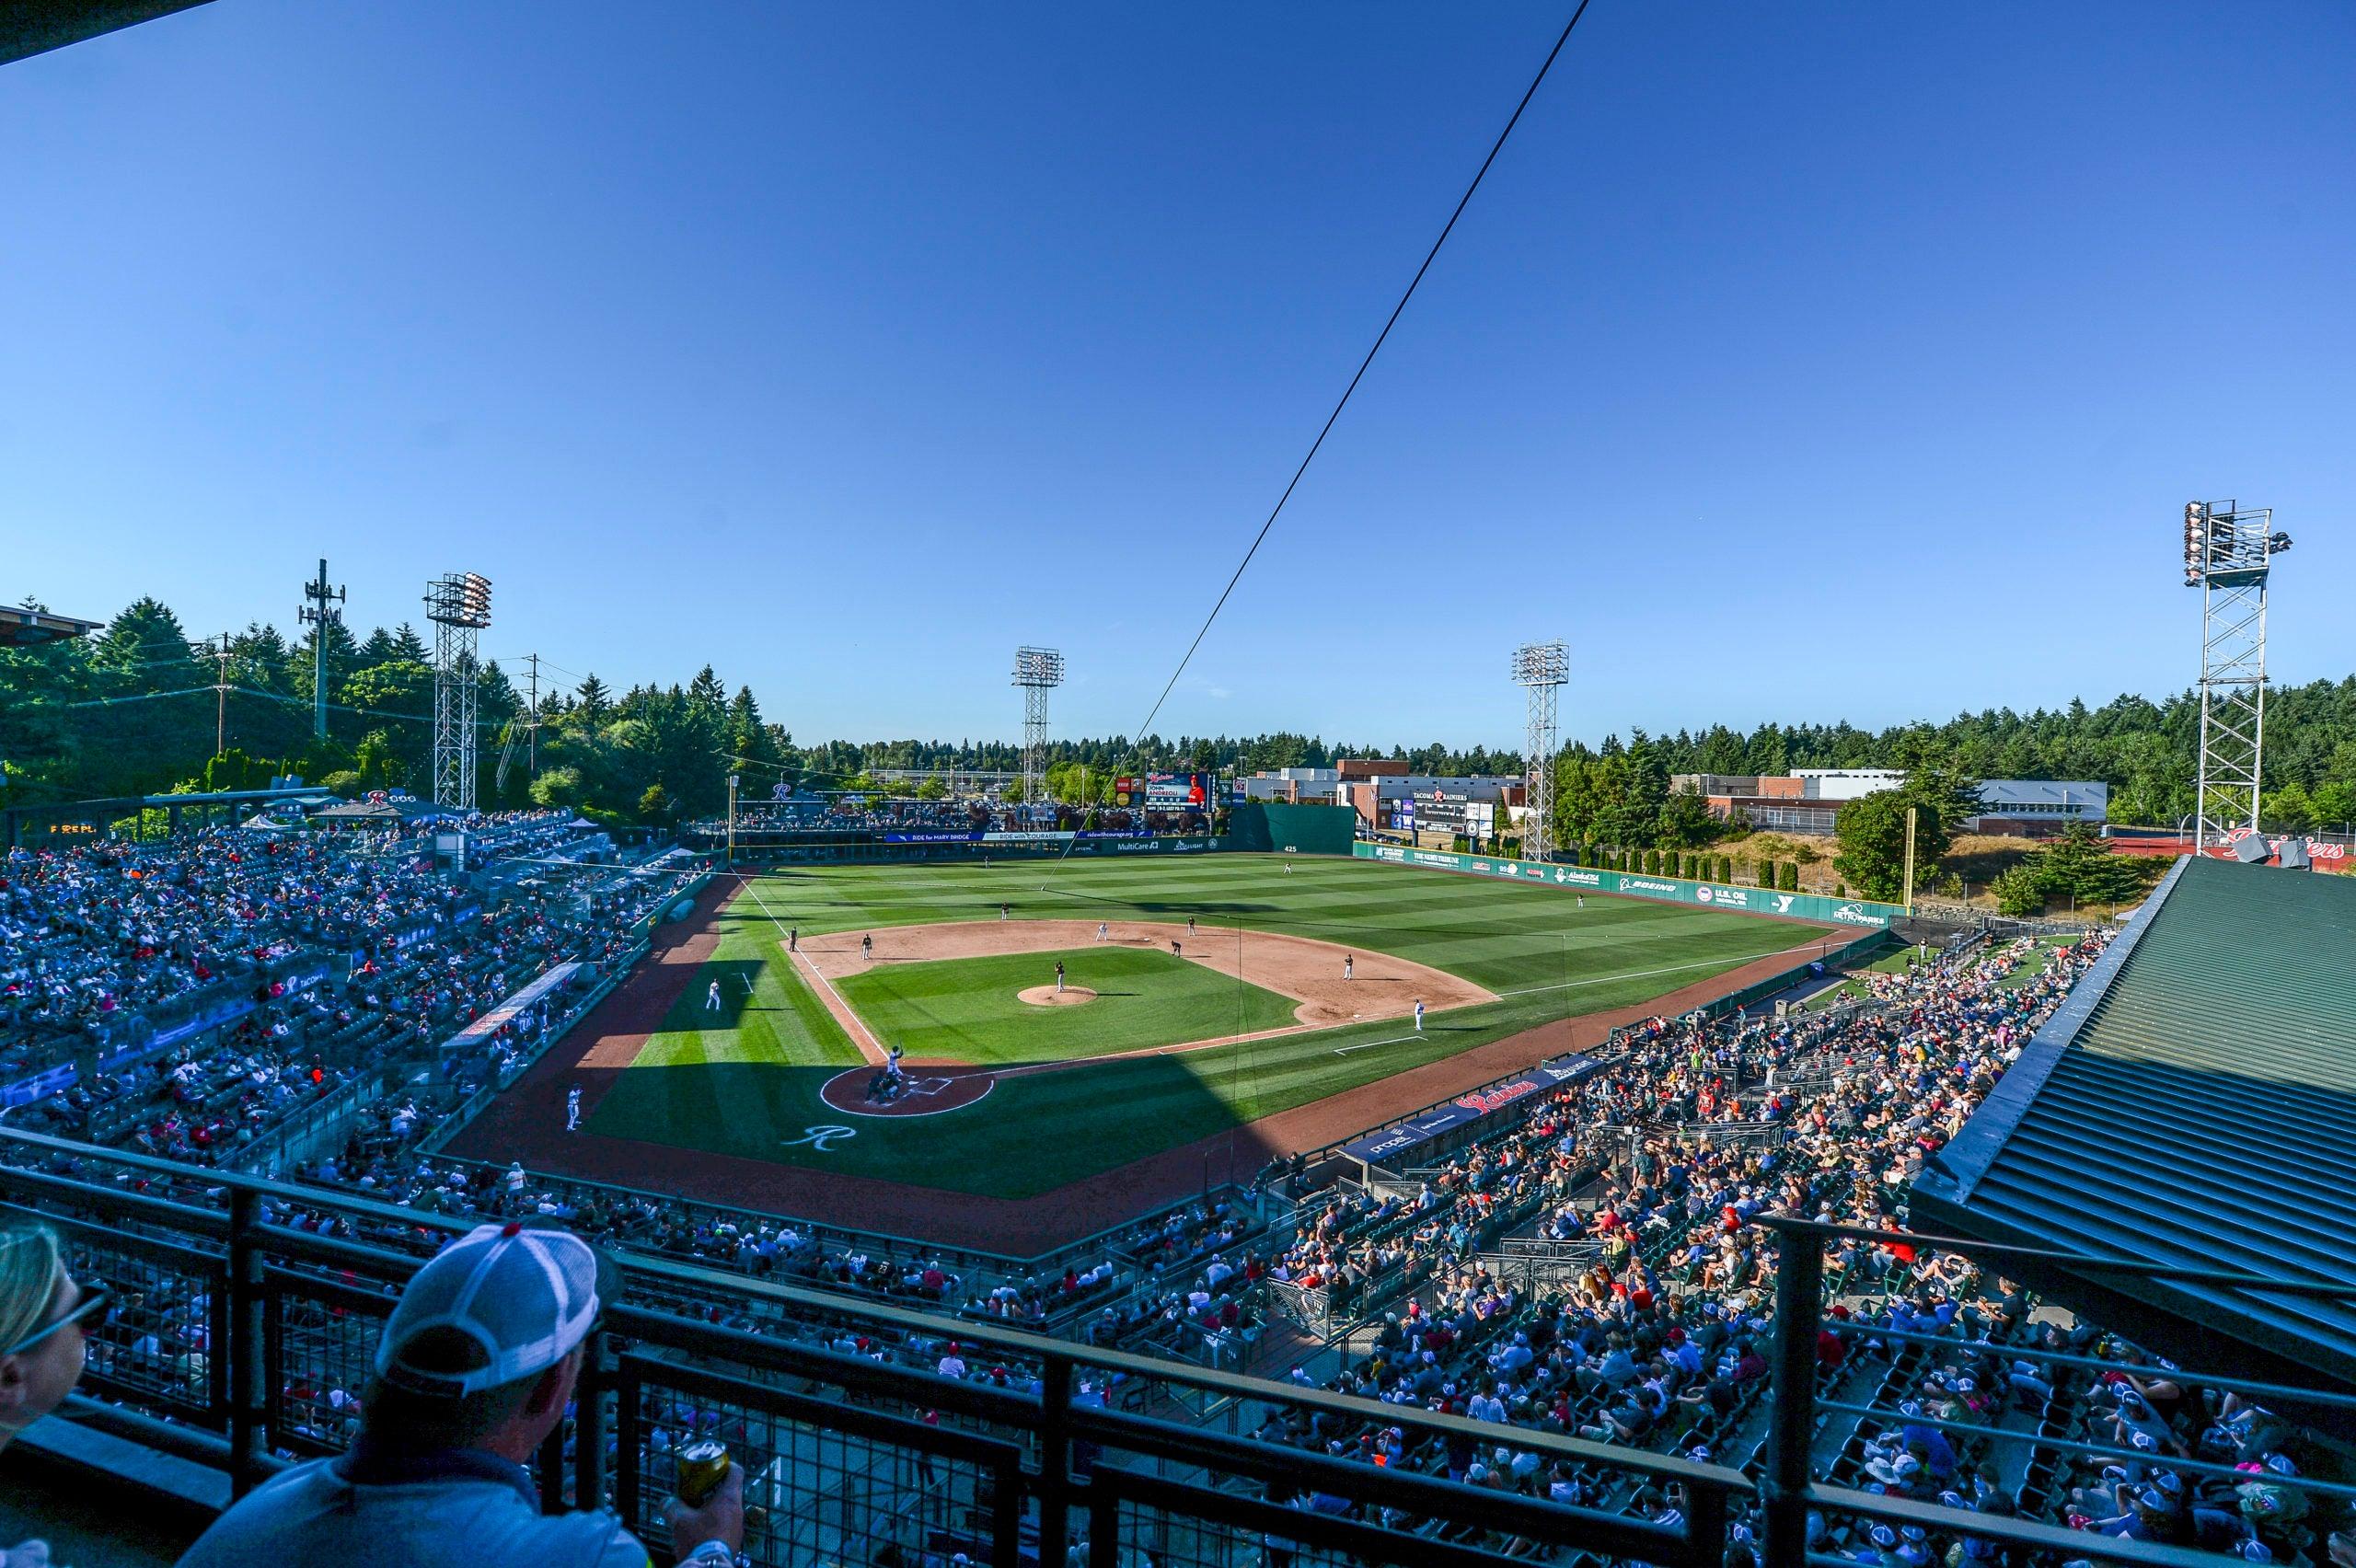 Cheney Stadium under blue skies